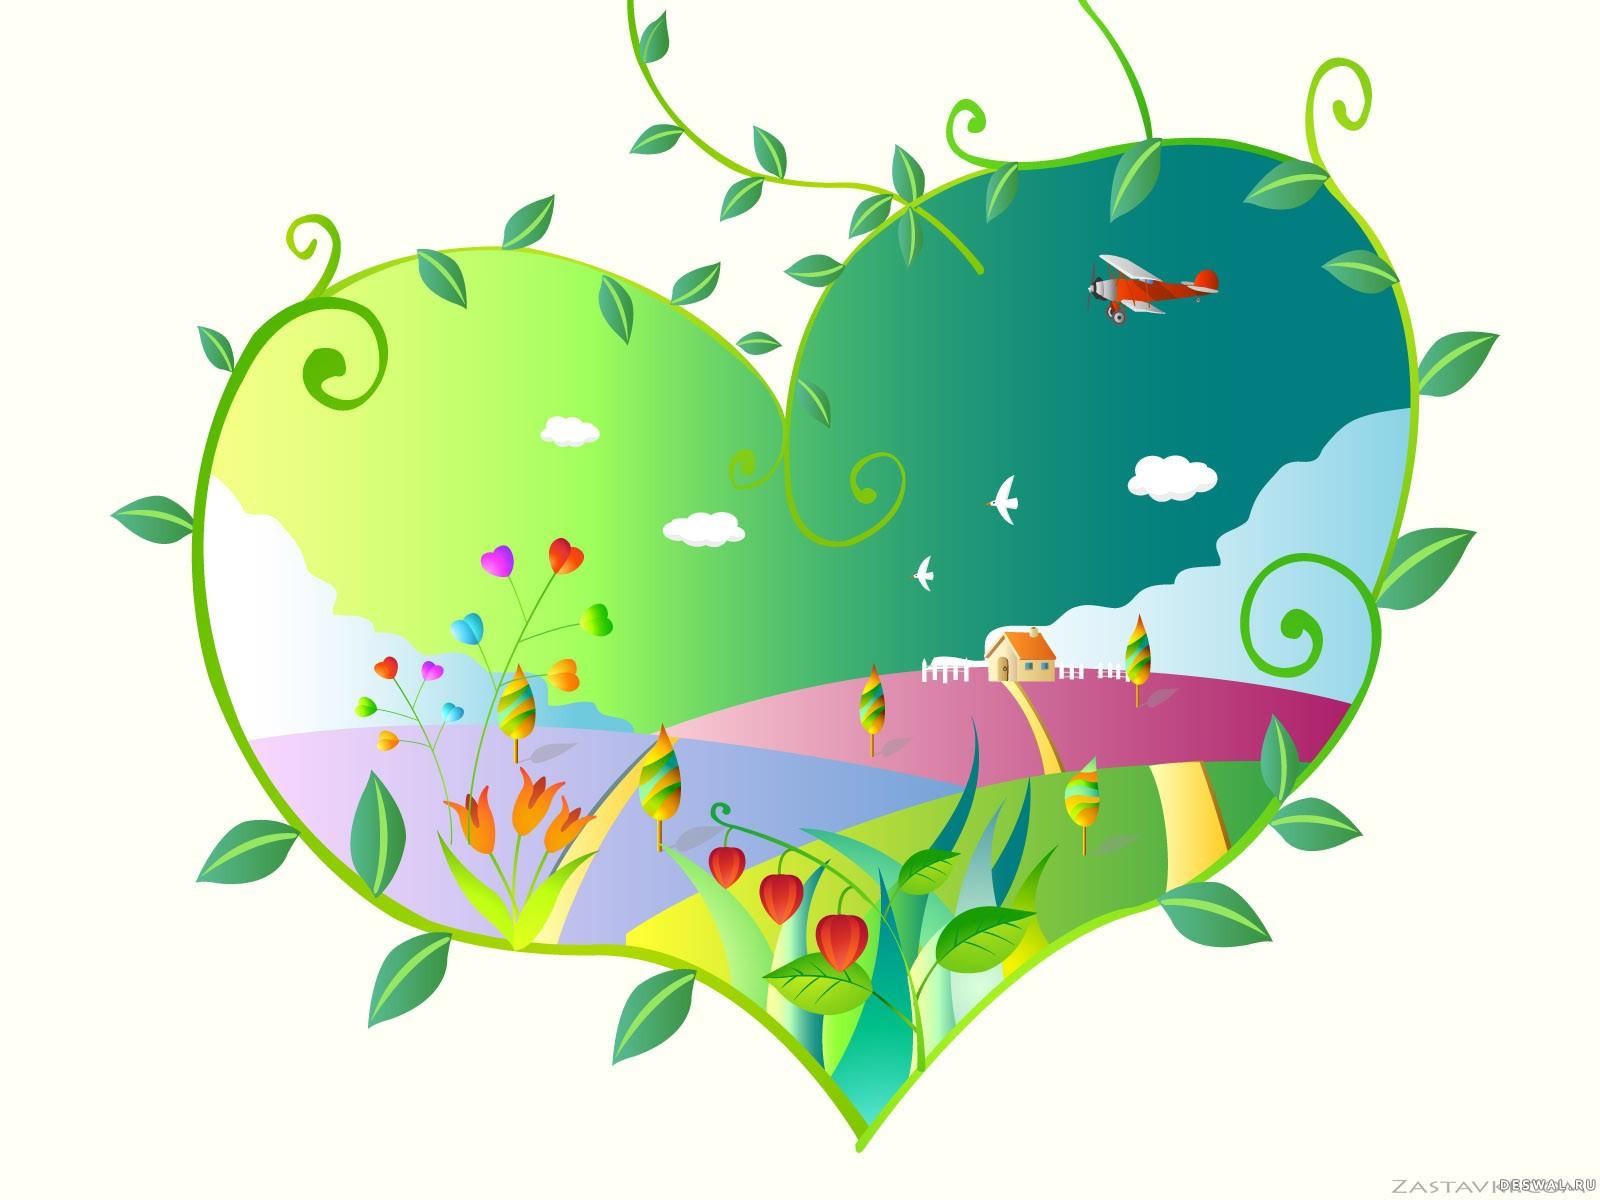 Фото 19. Нажмите на картинку с романтическими обоями - любовь, чтобы просмотреть ее в реальном размере